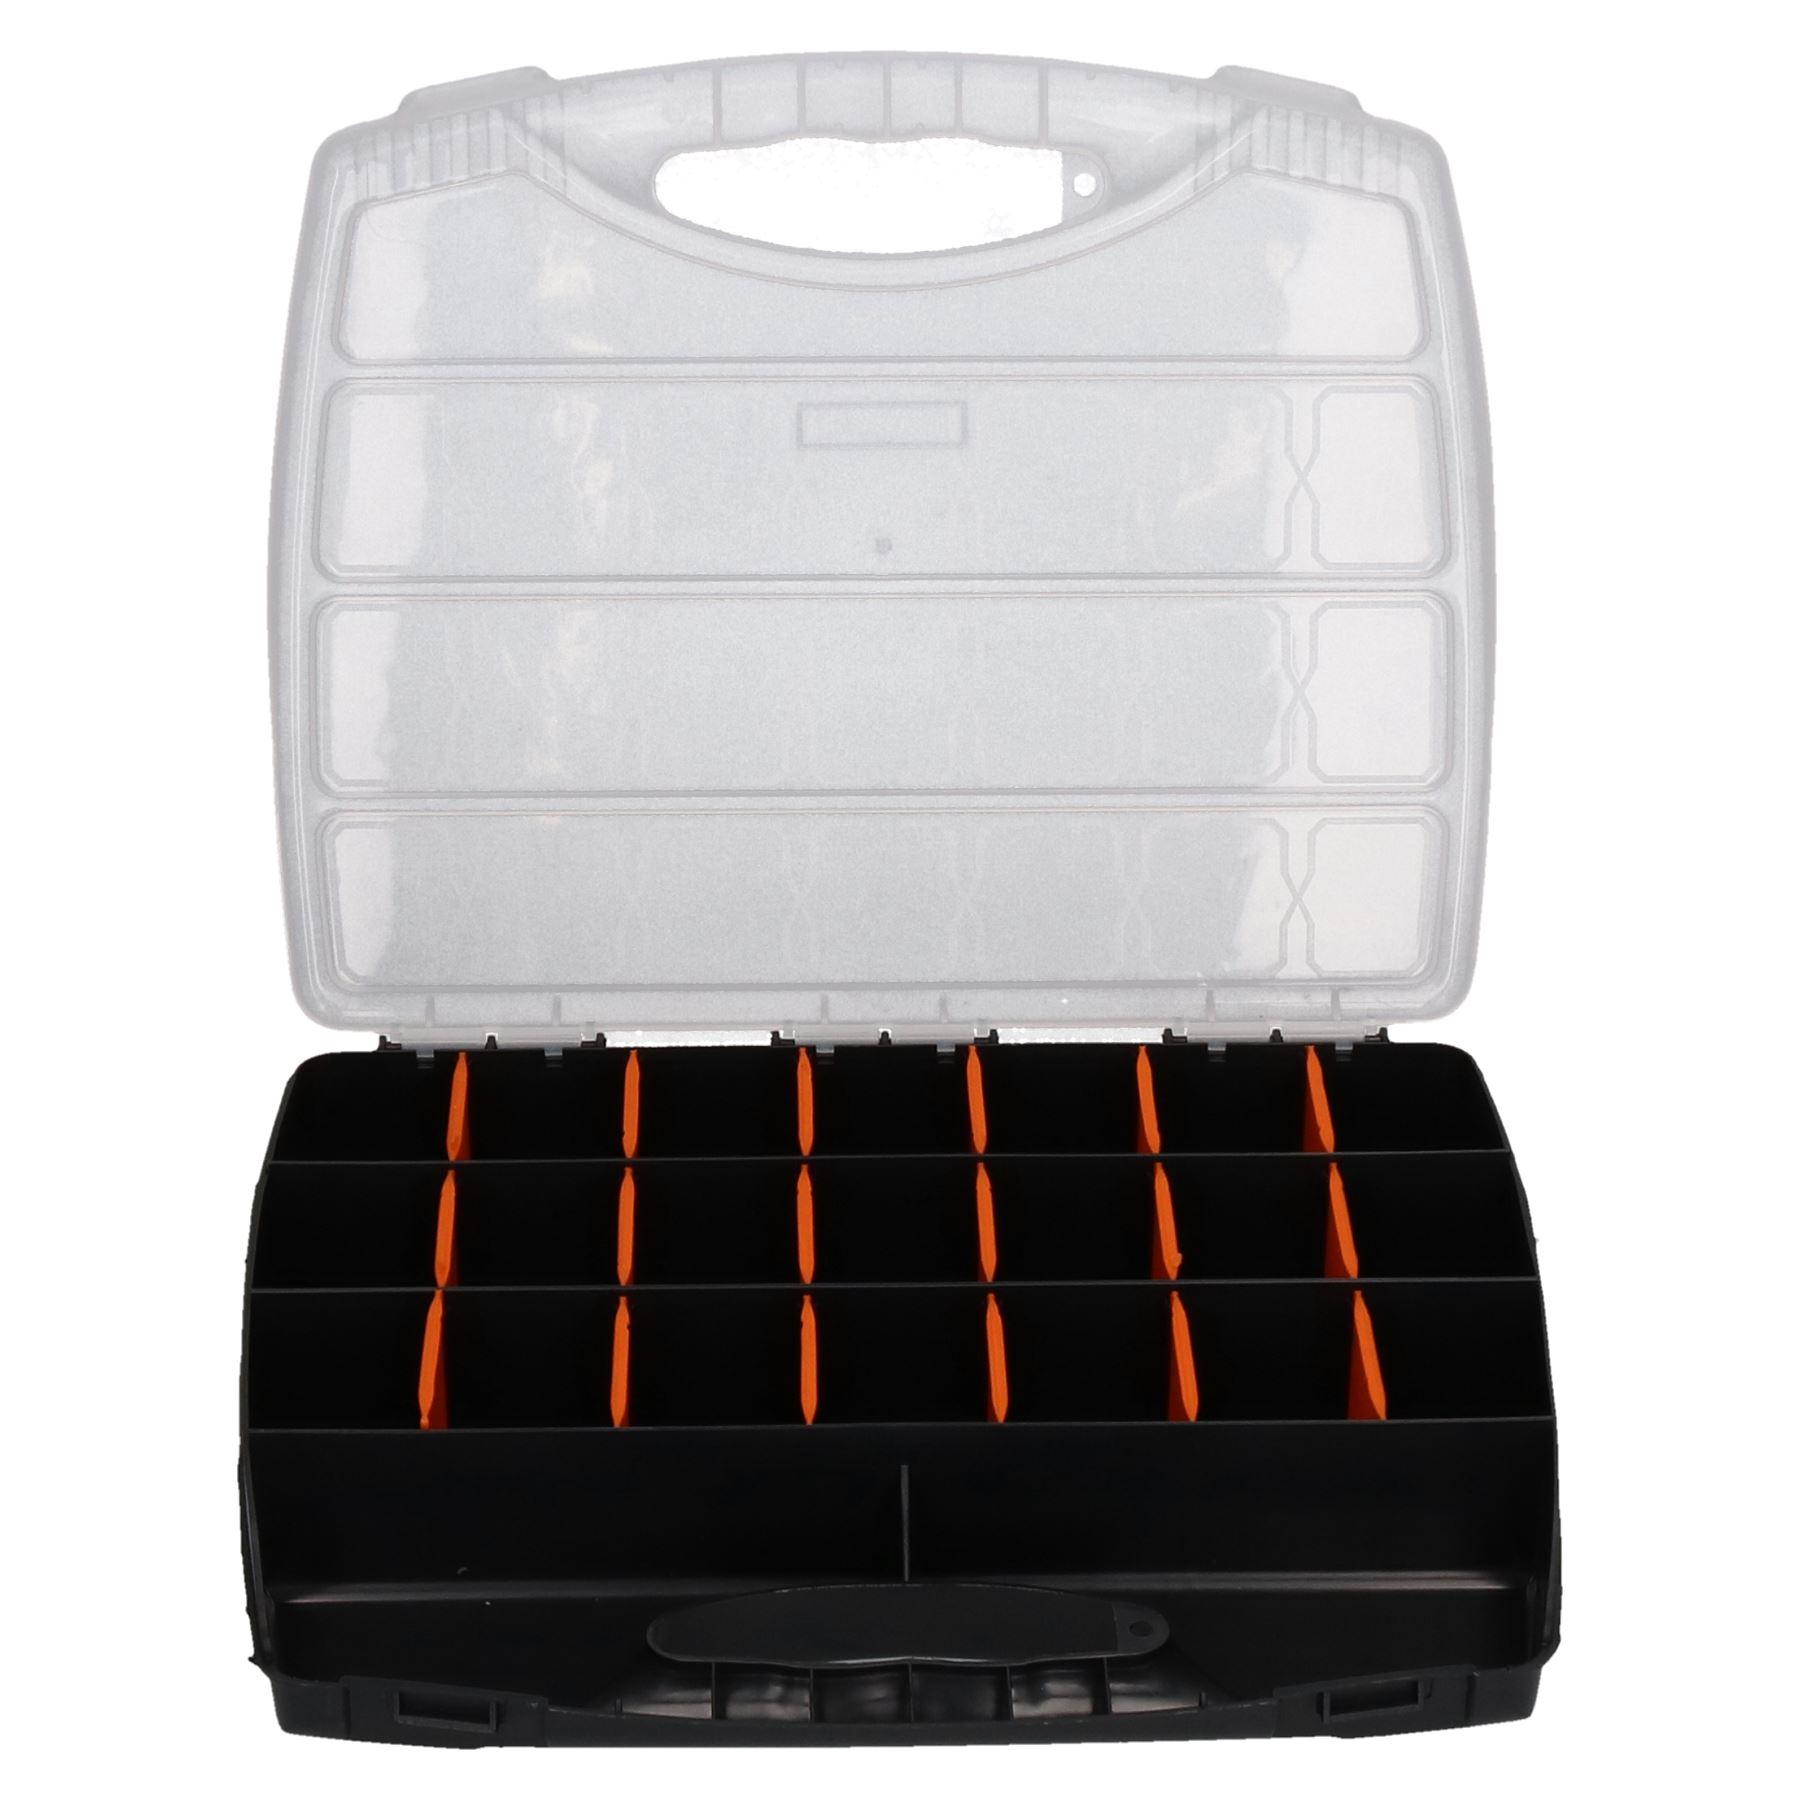 Plastique-Compartiment-outil-organisateur-diviseur-Small-Medium-Large-Tool-Box miniature 4